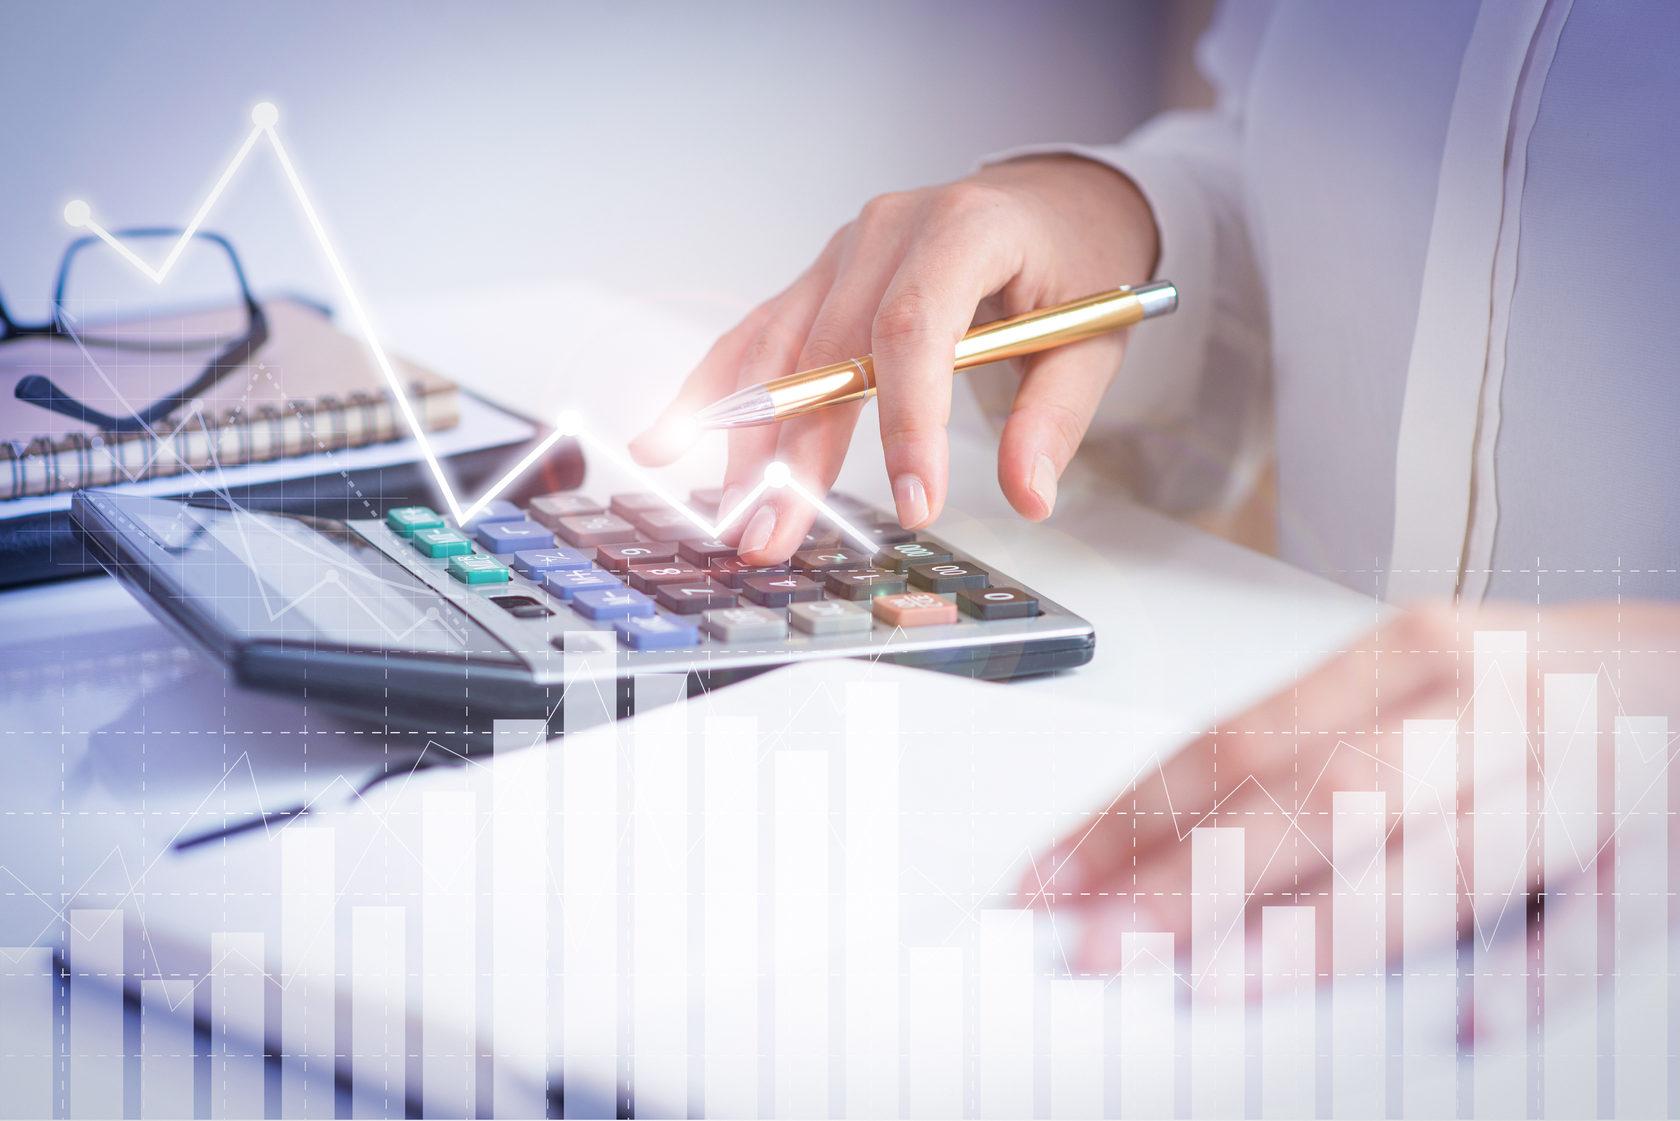 Как начать ведение бухгалтерии на усн налоговая проверка ооо на усн 6